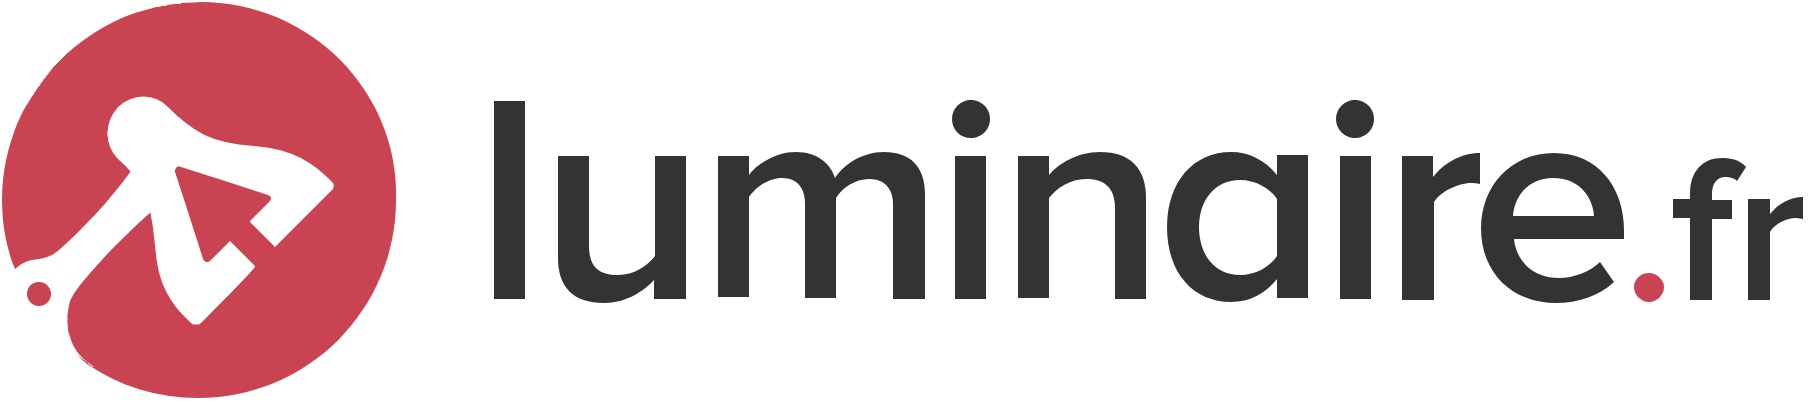 Code promo Luminaire.fr : 10% de réduction dès 120€ d'achats